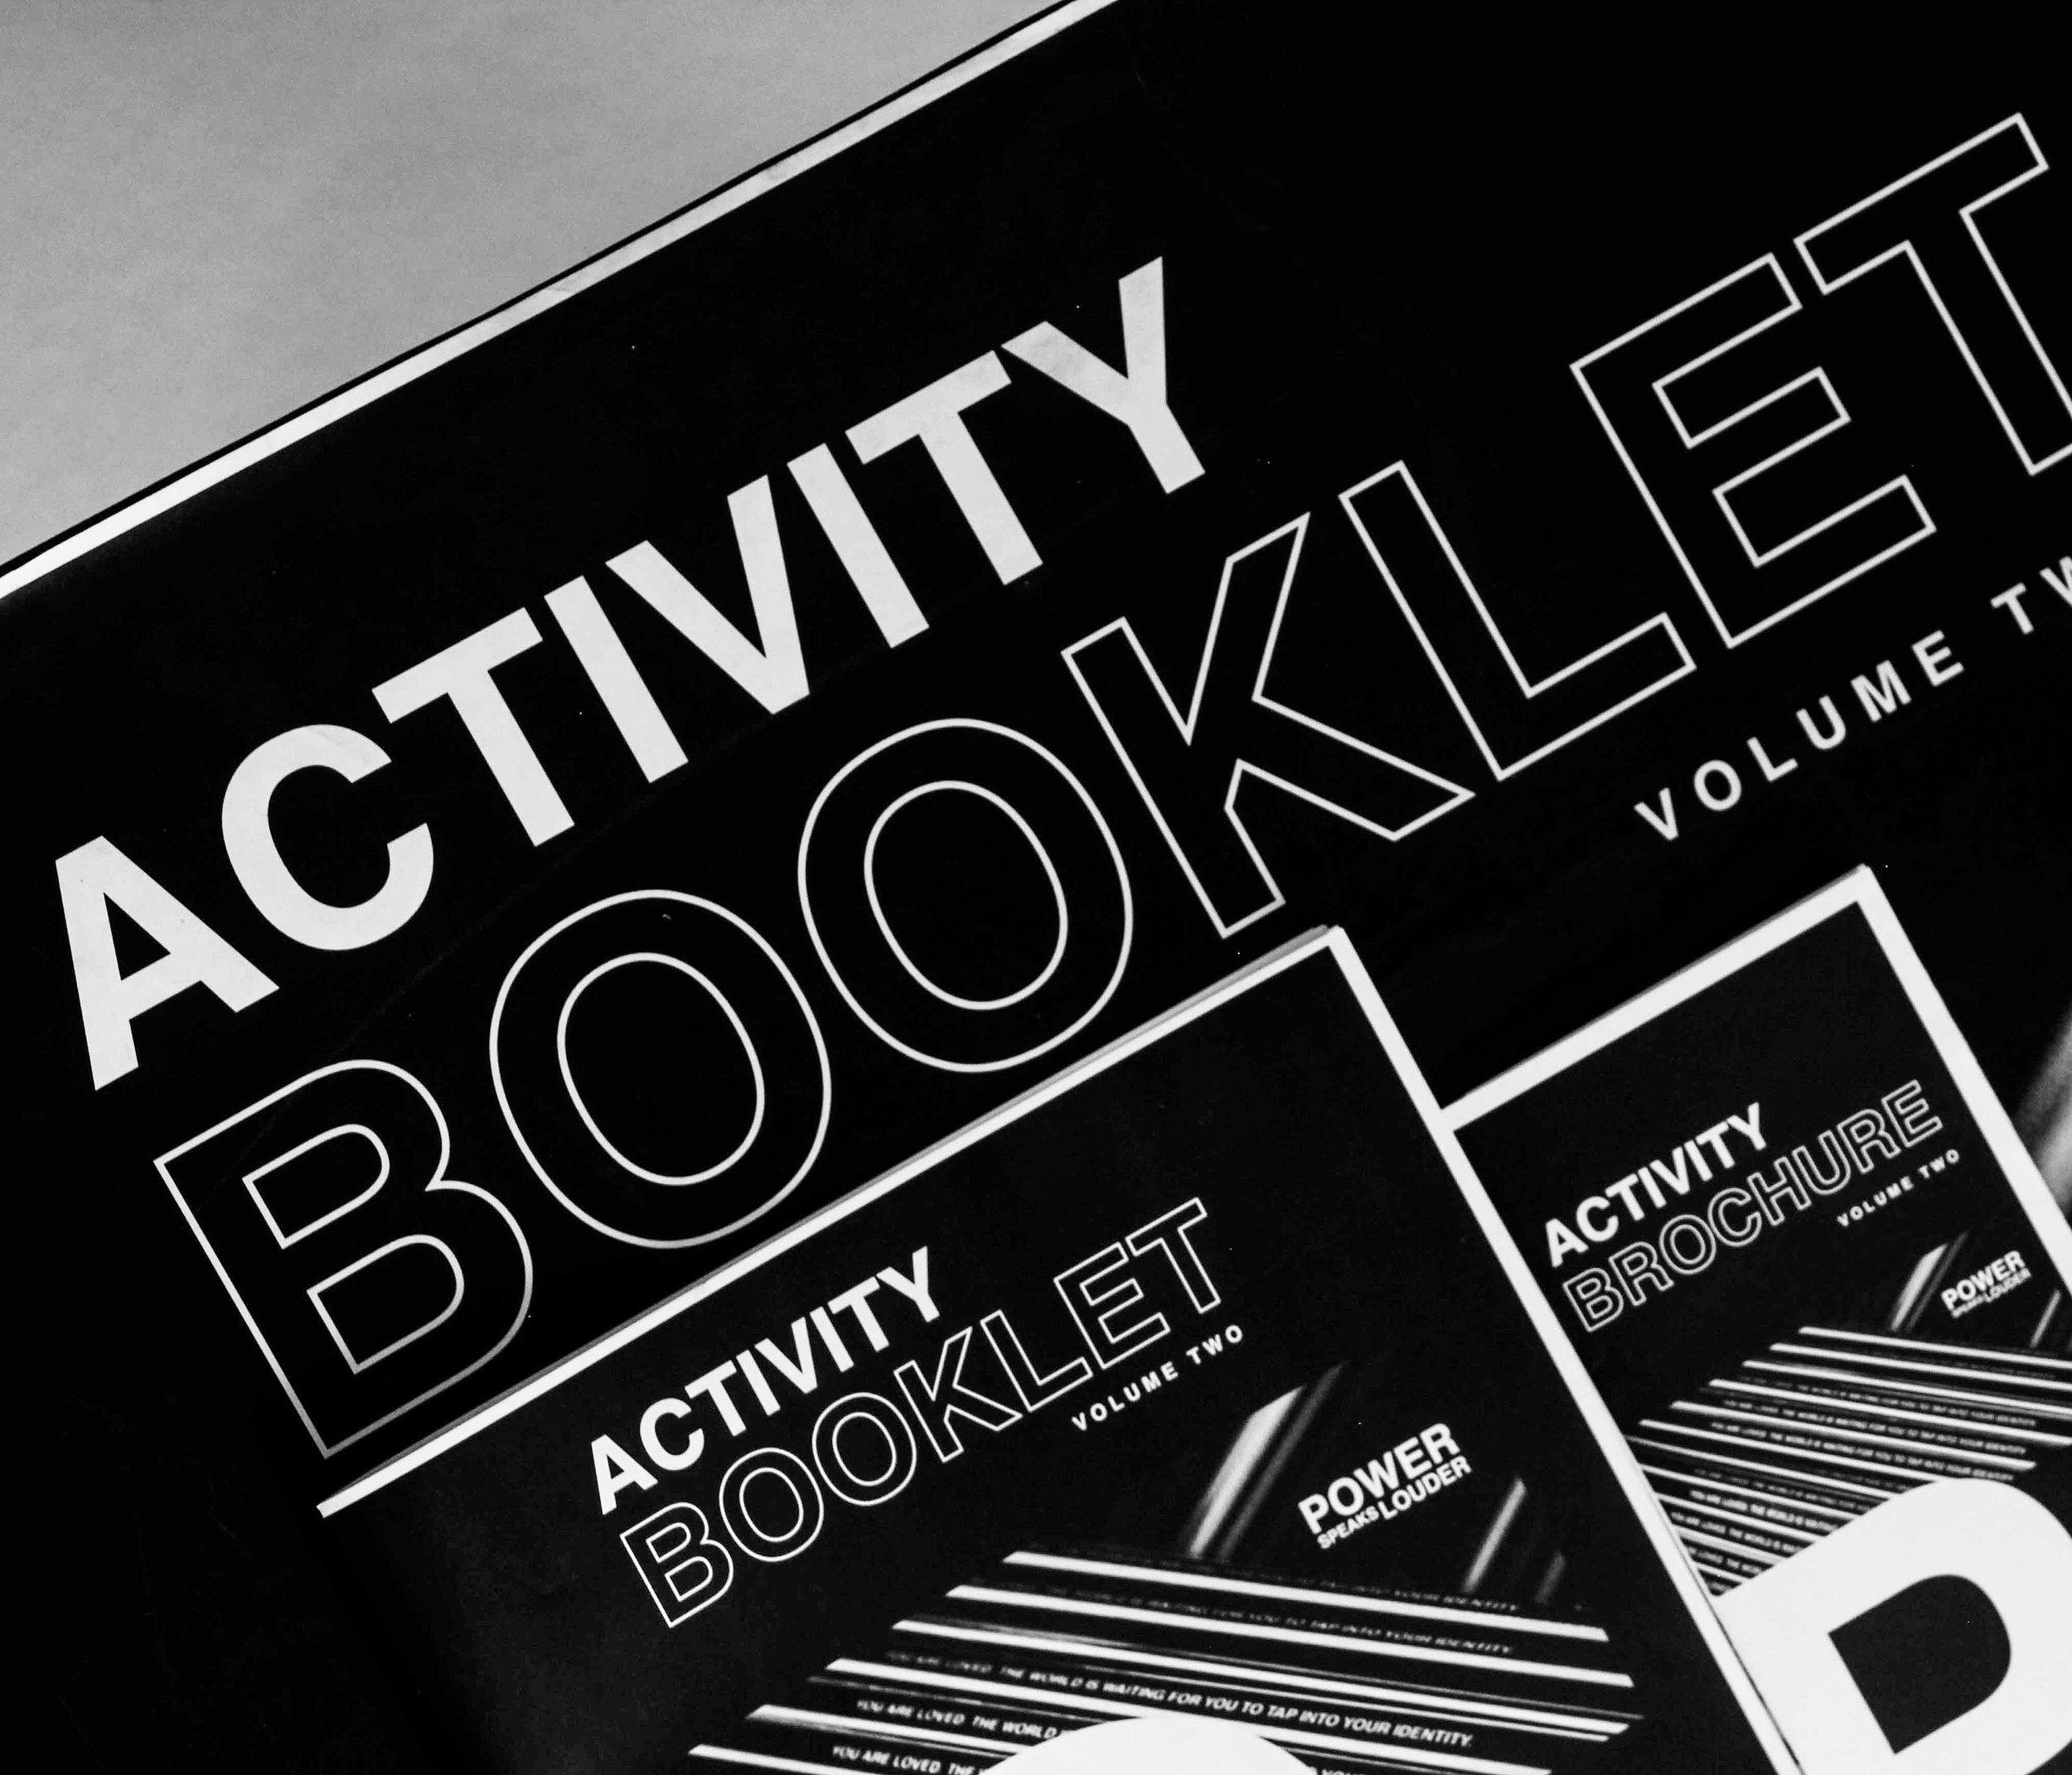 PowerSpeaksLouderActicity Booklet Vol.Two copy.jpg